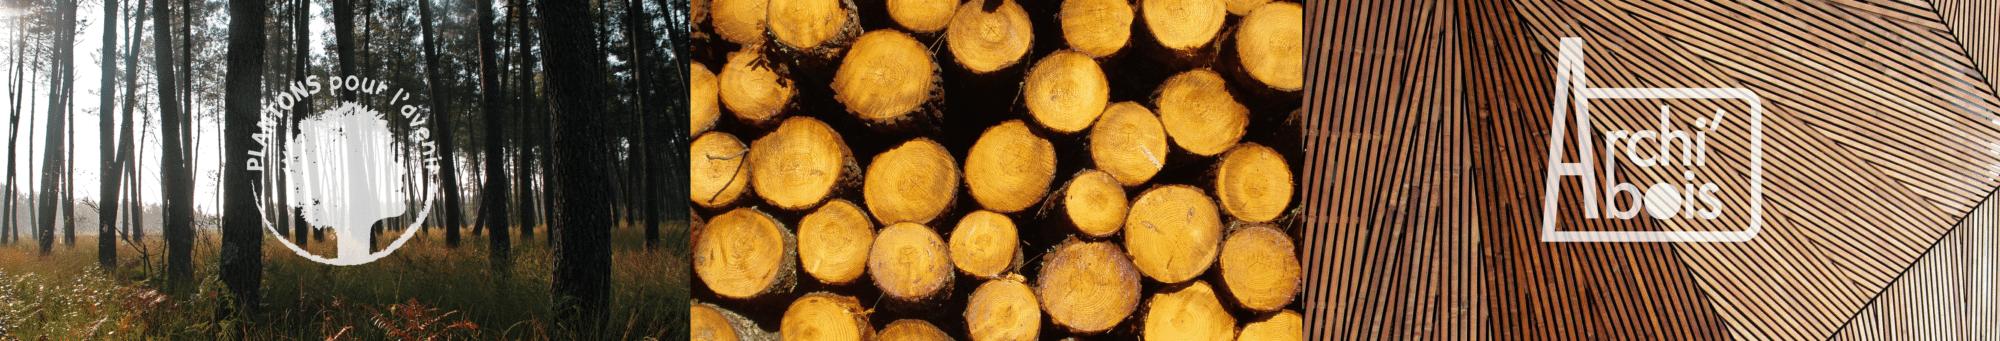 Montage photo d'une plantation de résineux, d'une pile de bois et d'une architecture en bois. Logos de Plantons pour l'avenir et Archi'bois également.